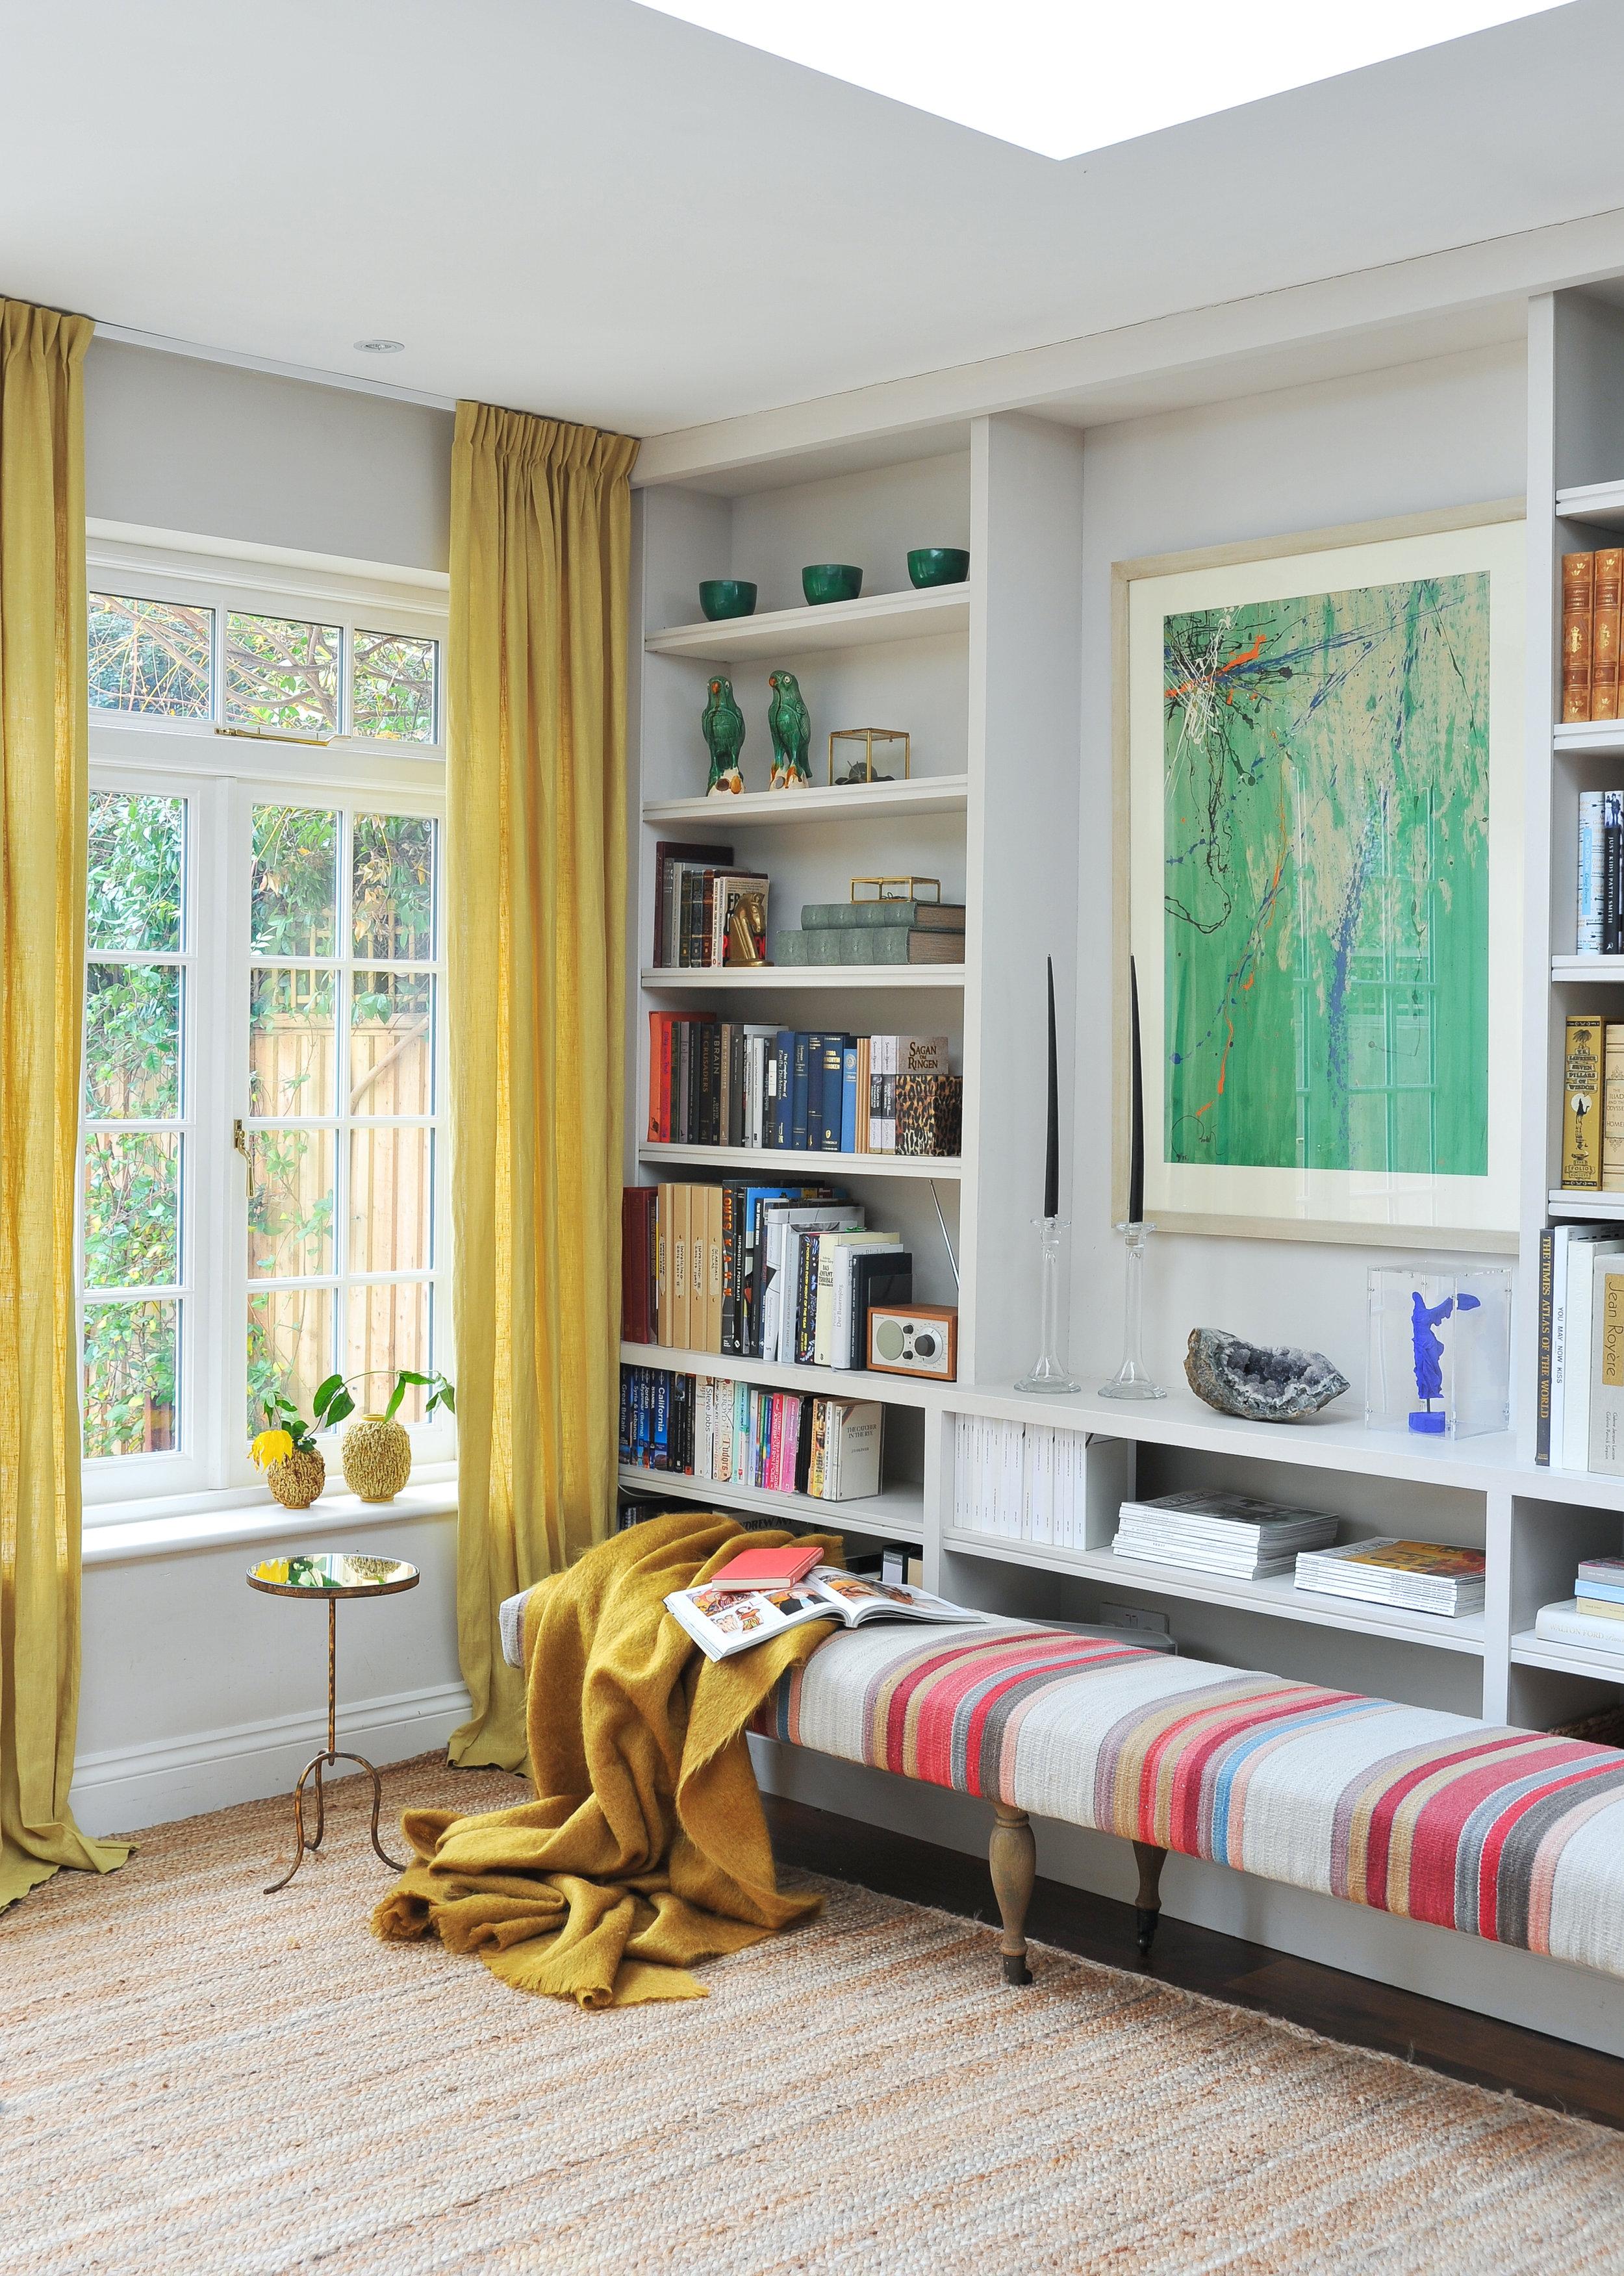 Anna Anna Gyllenkrok interior design in Central London